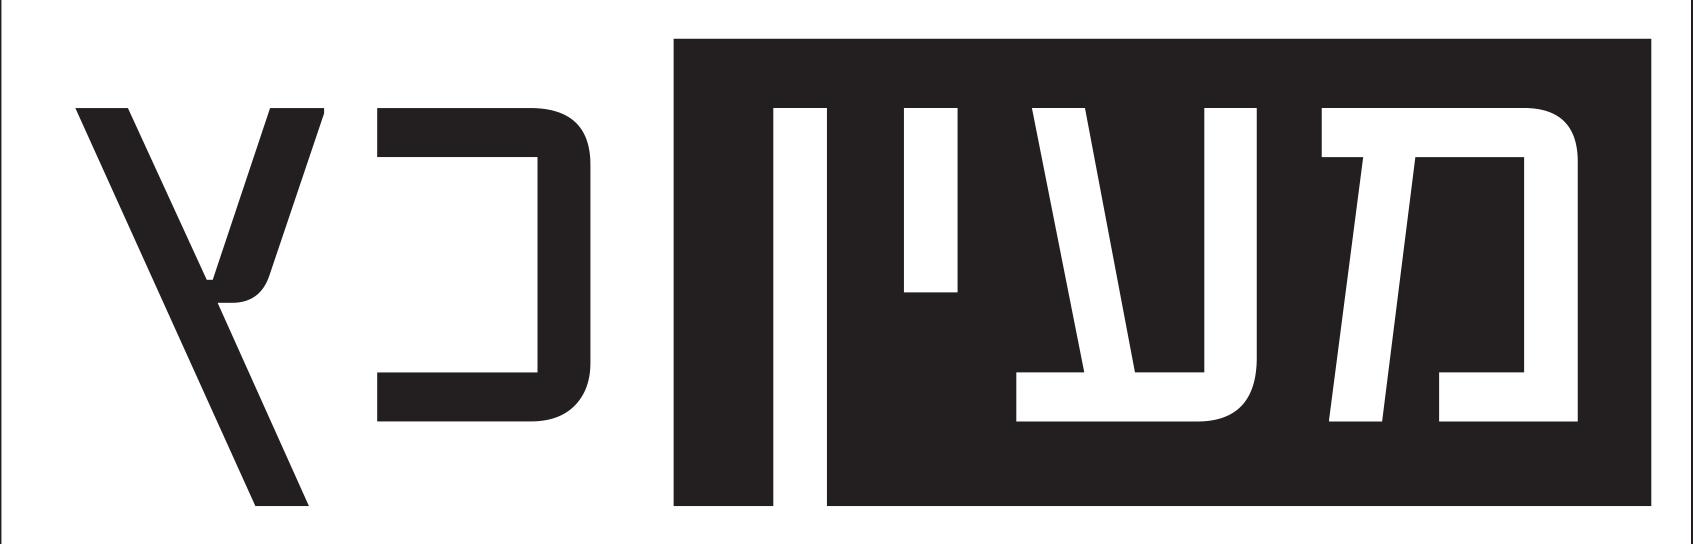 לוגו מעין כץ